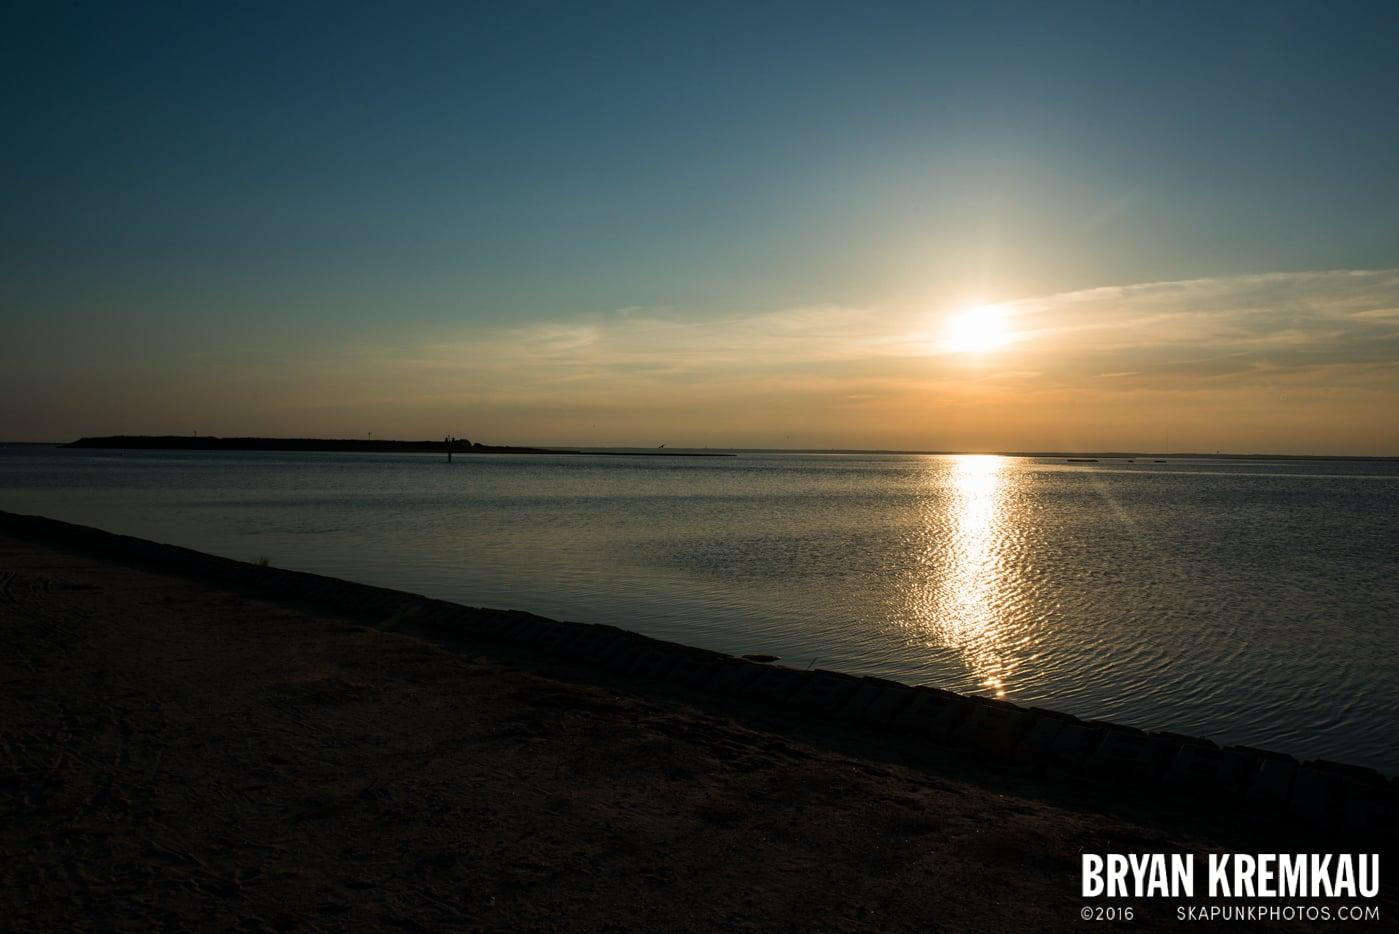 Beach Haven, Long Beach Island, NJ - 6.16.14 - 6.18.14 (89)